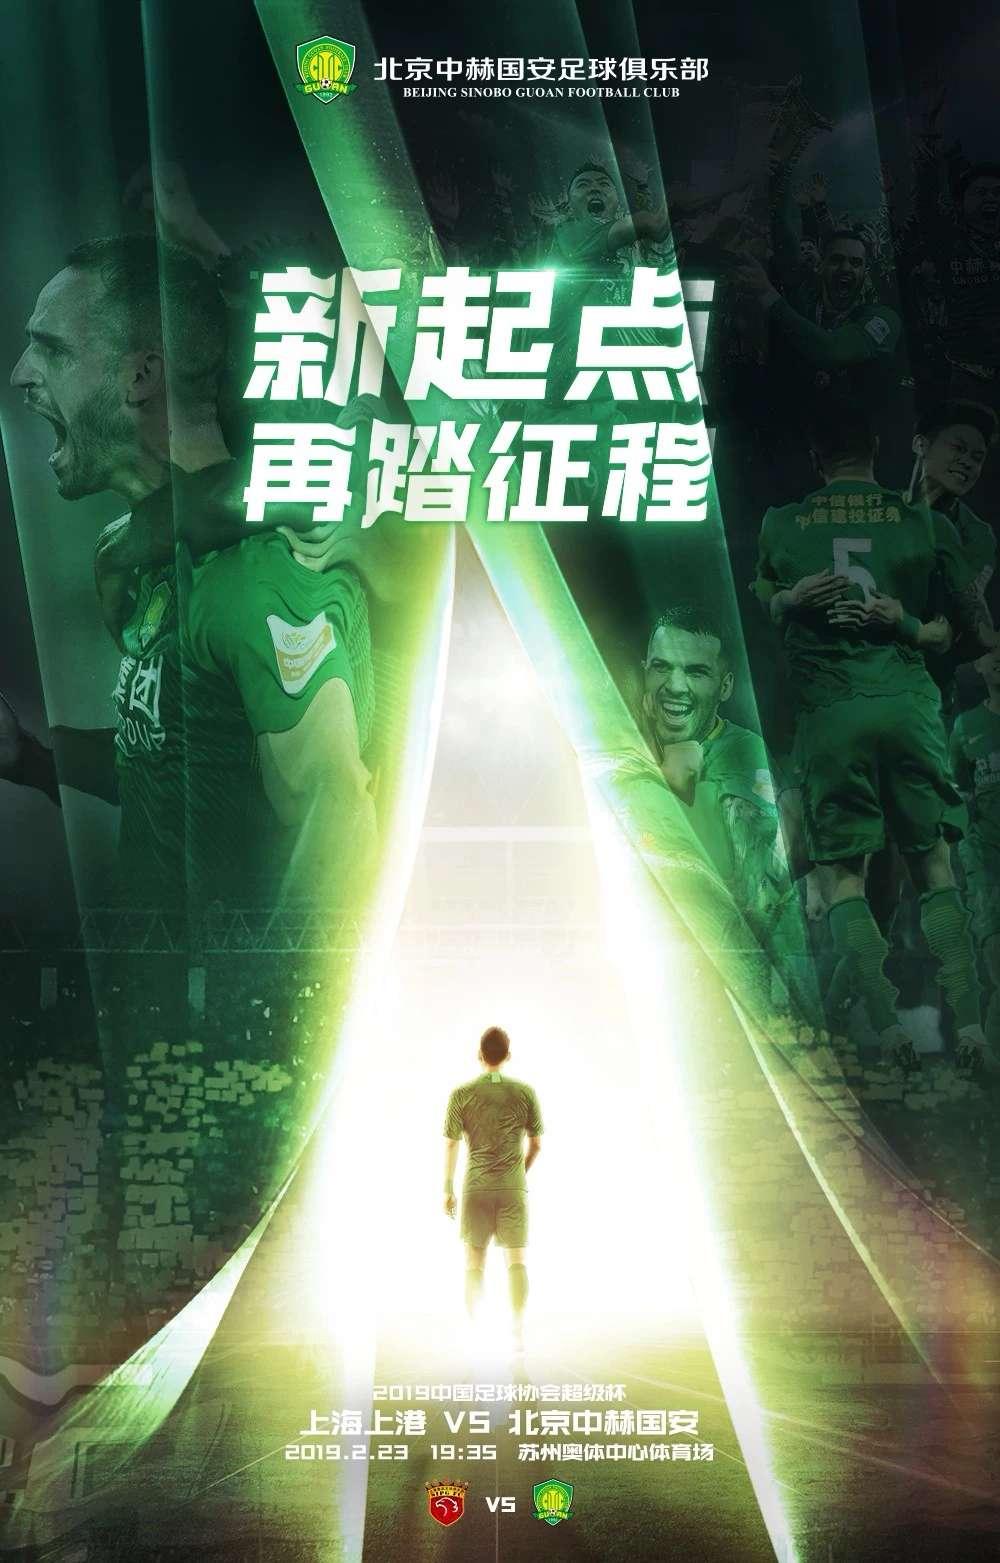 国安发布超级杯海报:新起点,再踏征程